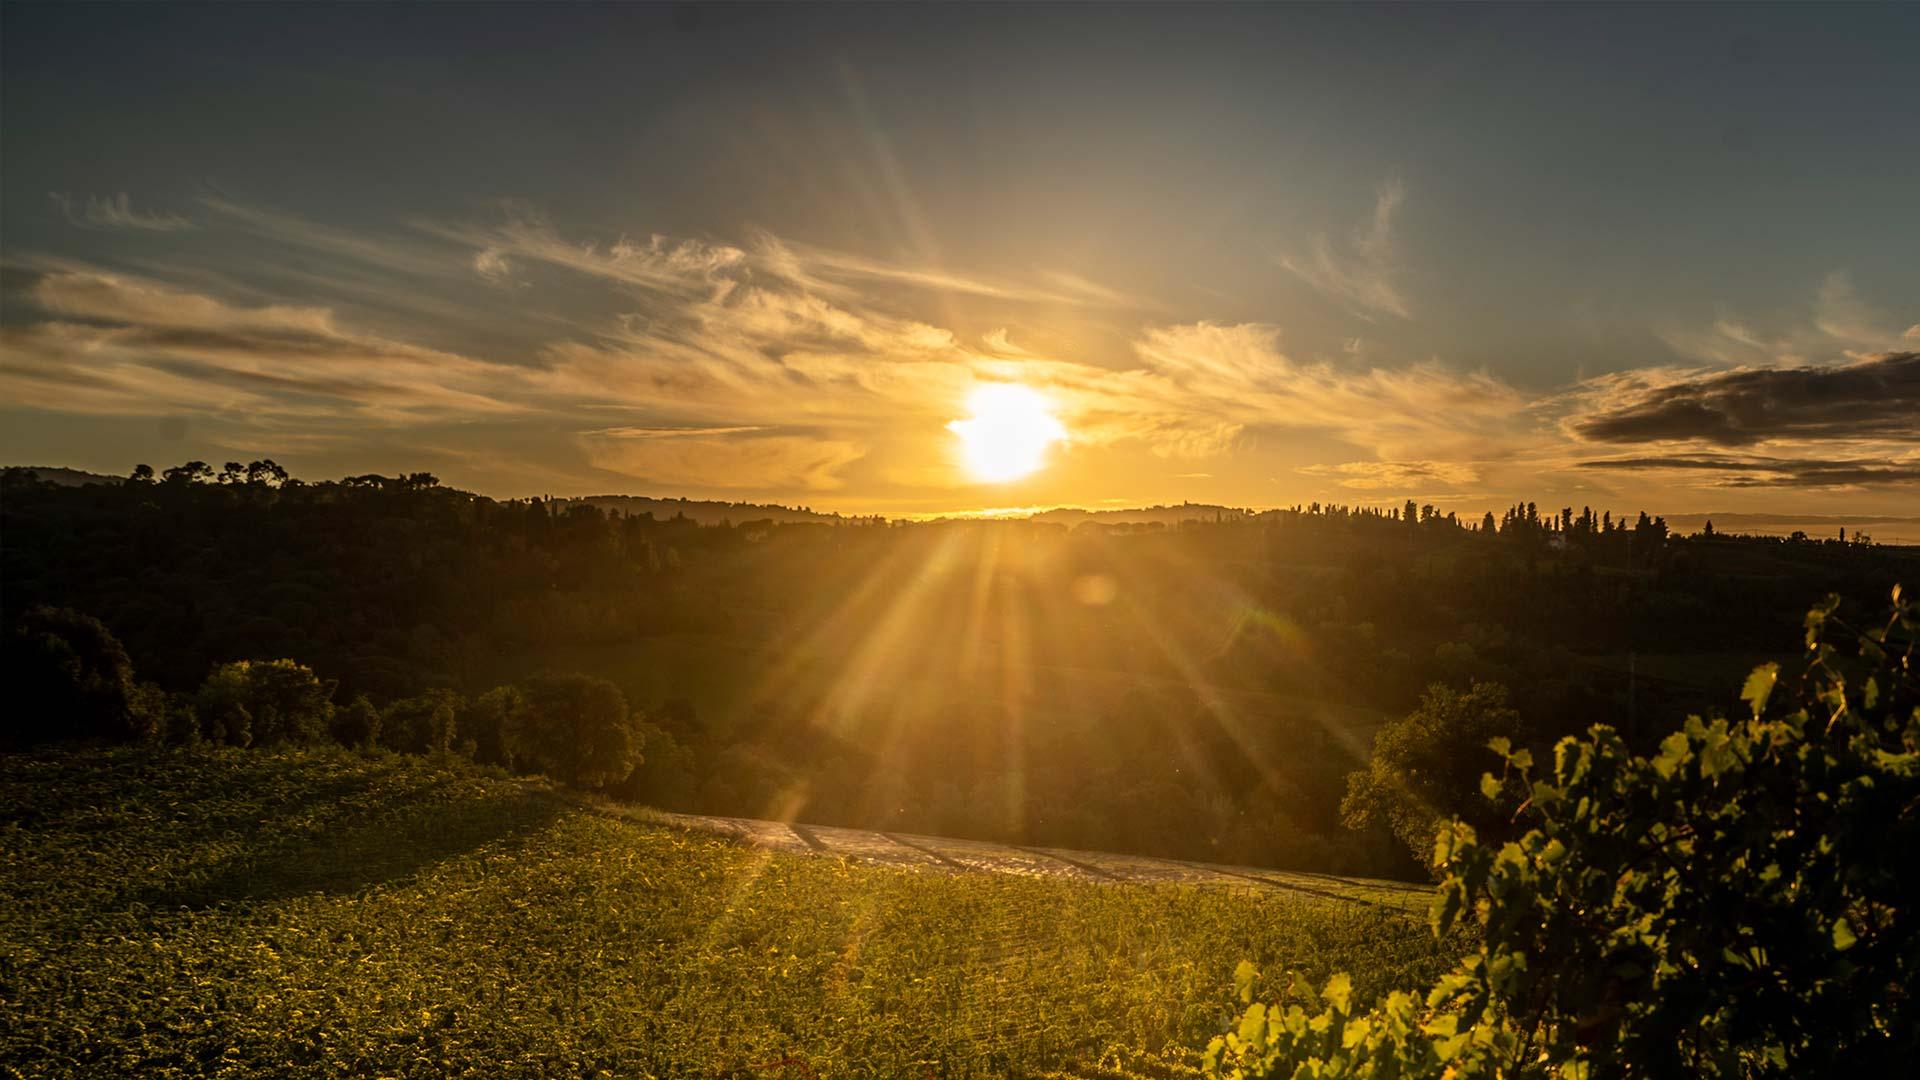 Sunset in Tamburini estate